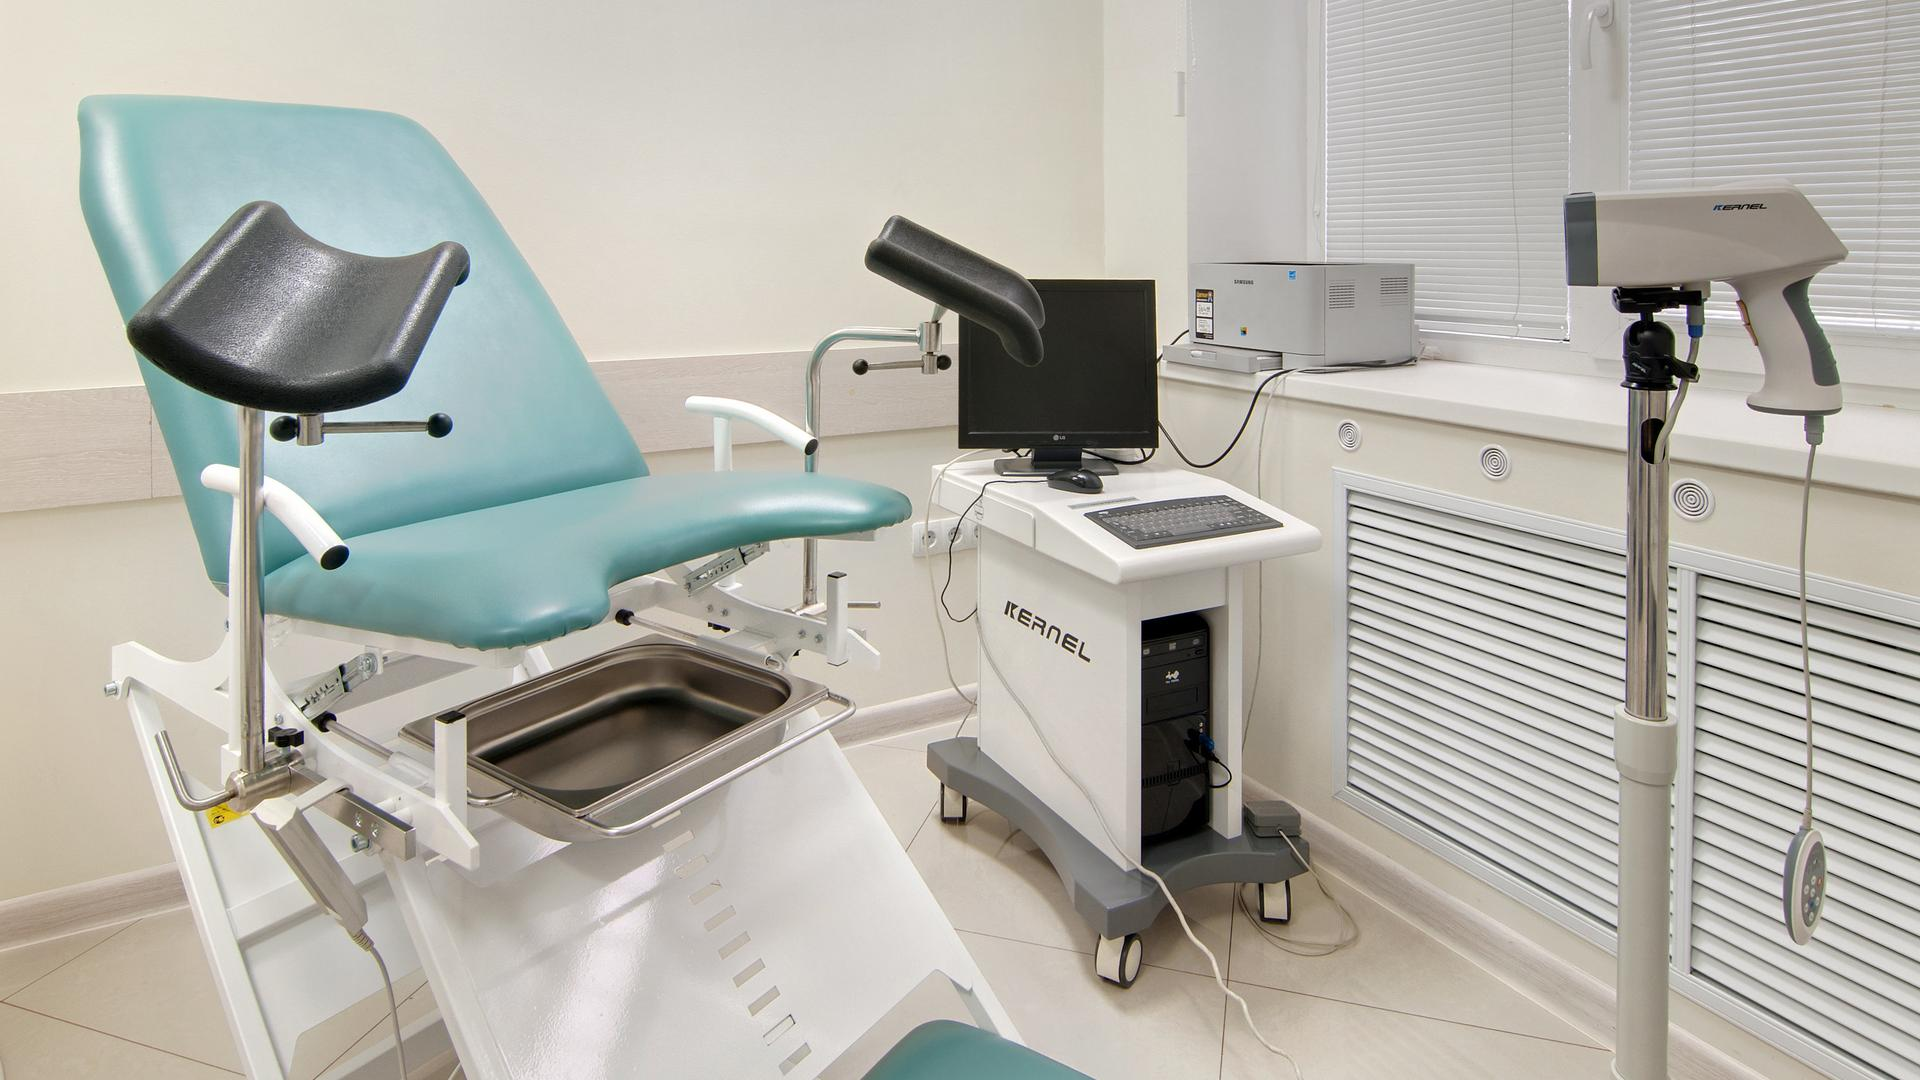 Секс гинеколог фото, Гинеколог поимел пациентку на смотровом кресле 18 фотография